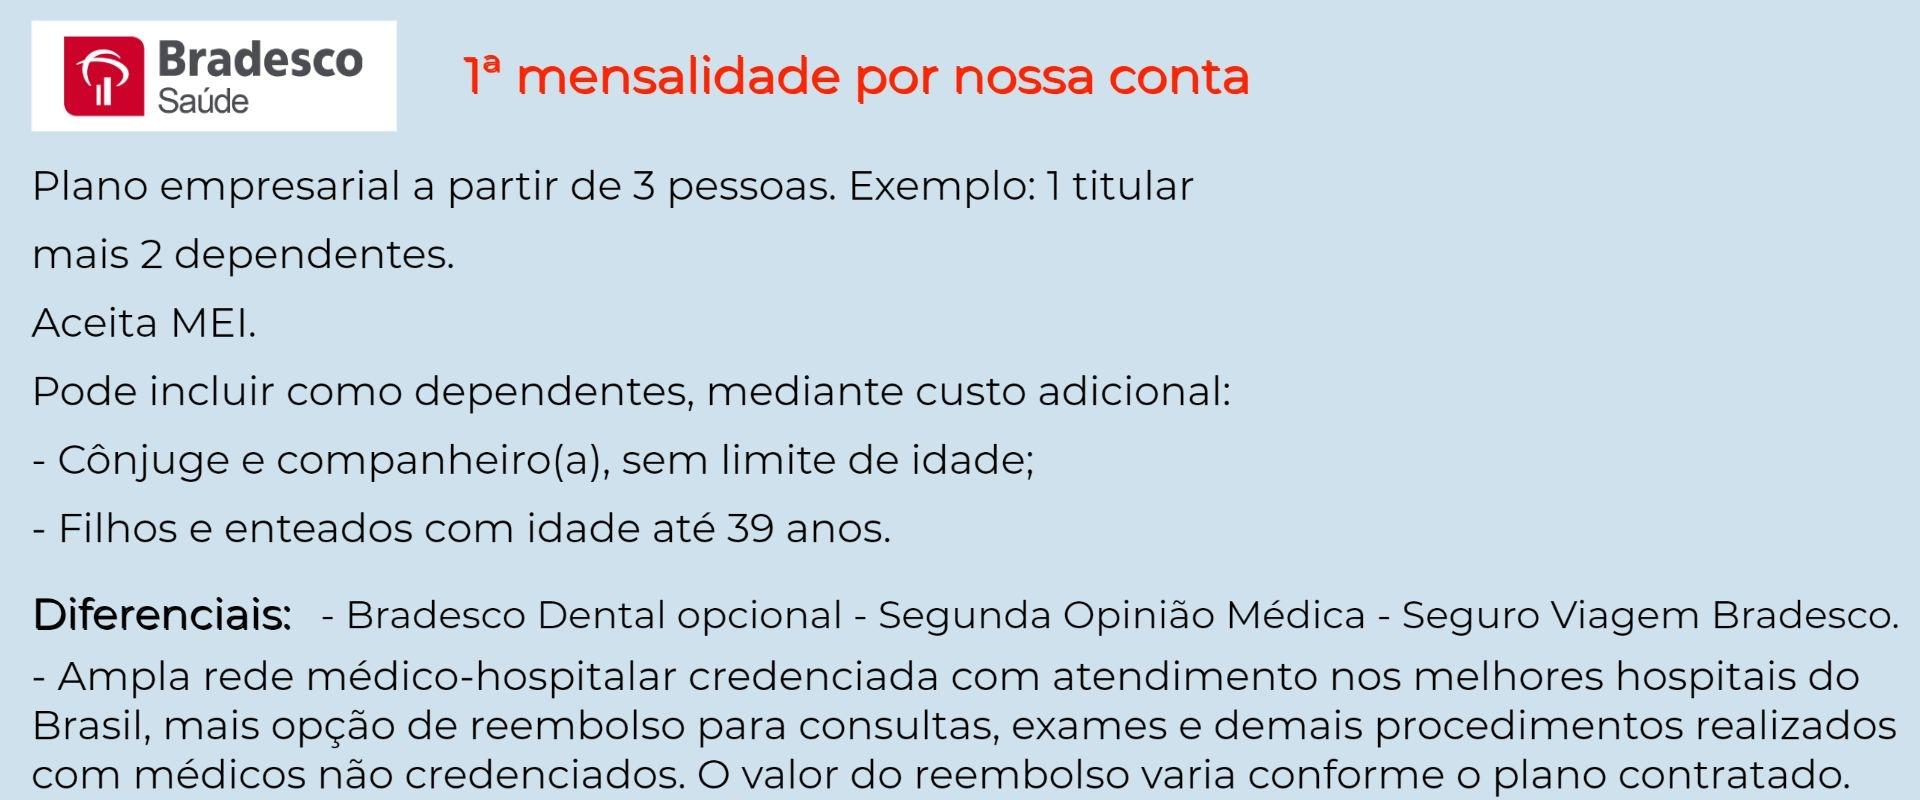 Bradesco Saúde Empresarial - Canavieiras